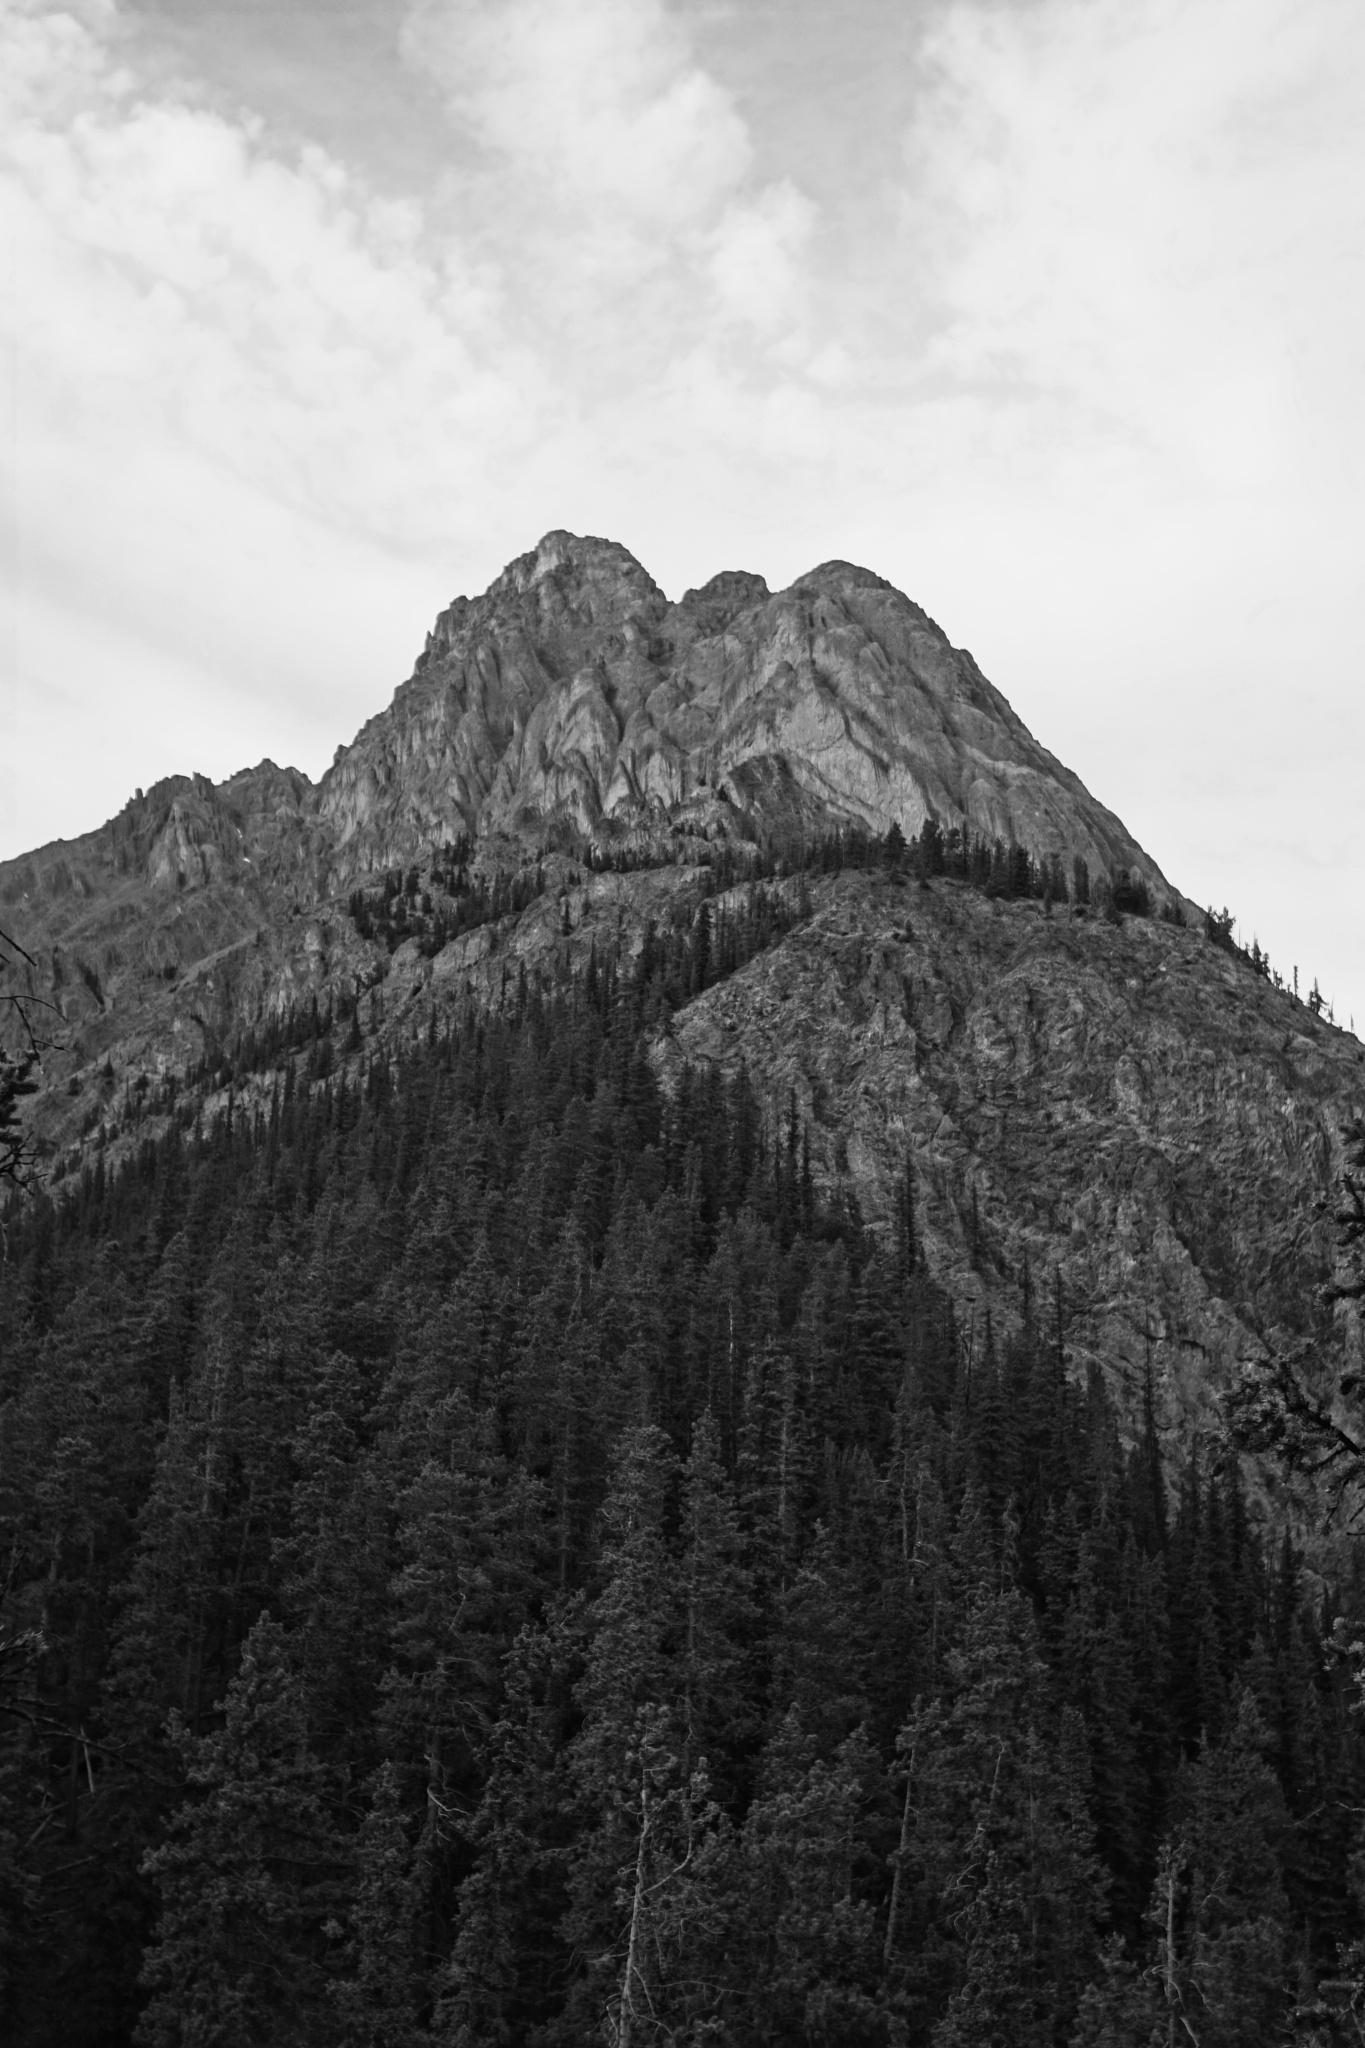 Mount Louis by Ryan Kole